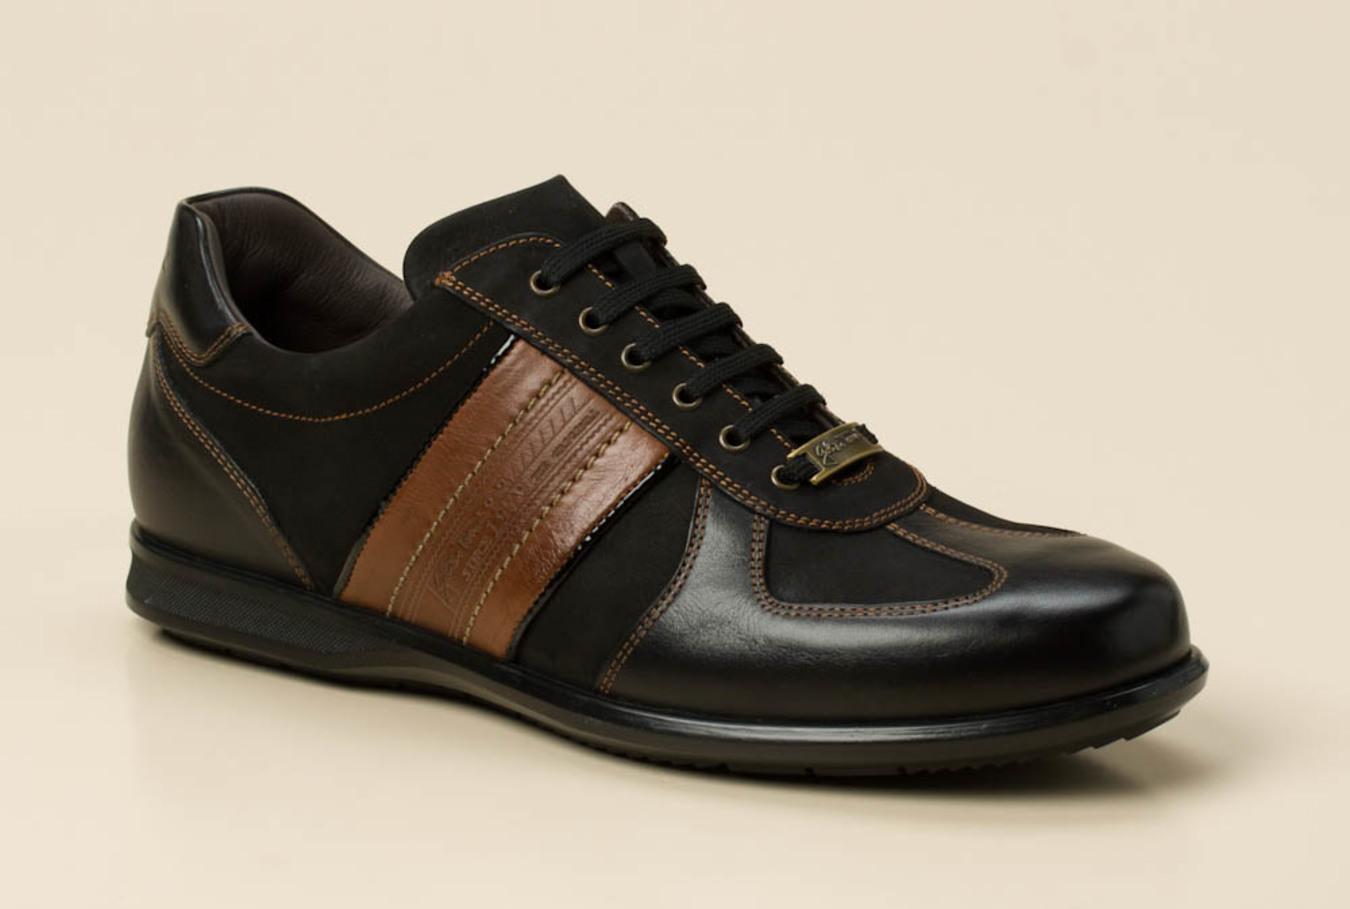 ad938cbec7ff6c Galizio Torresi Herren Sneaker in schwarz braun kaufen